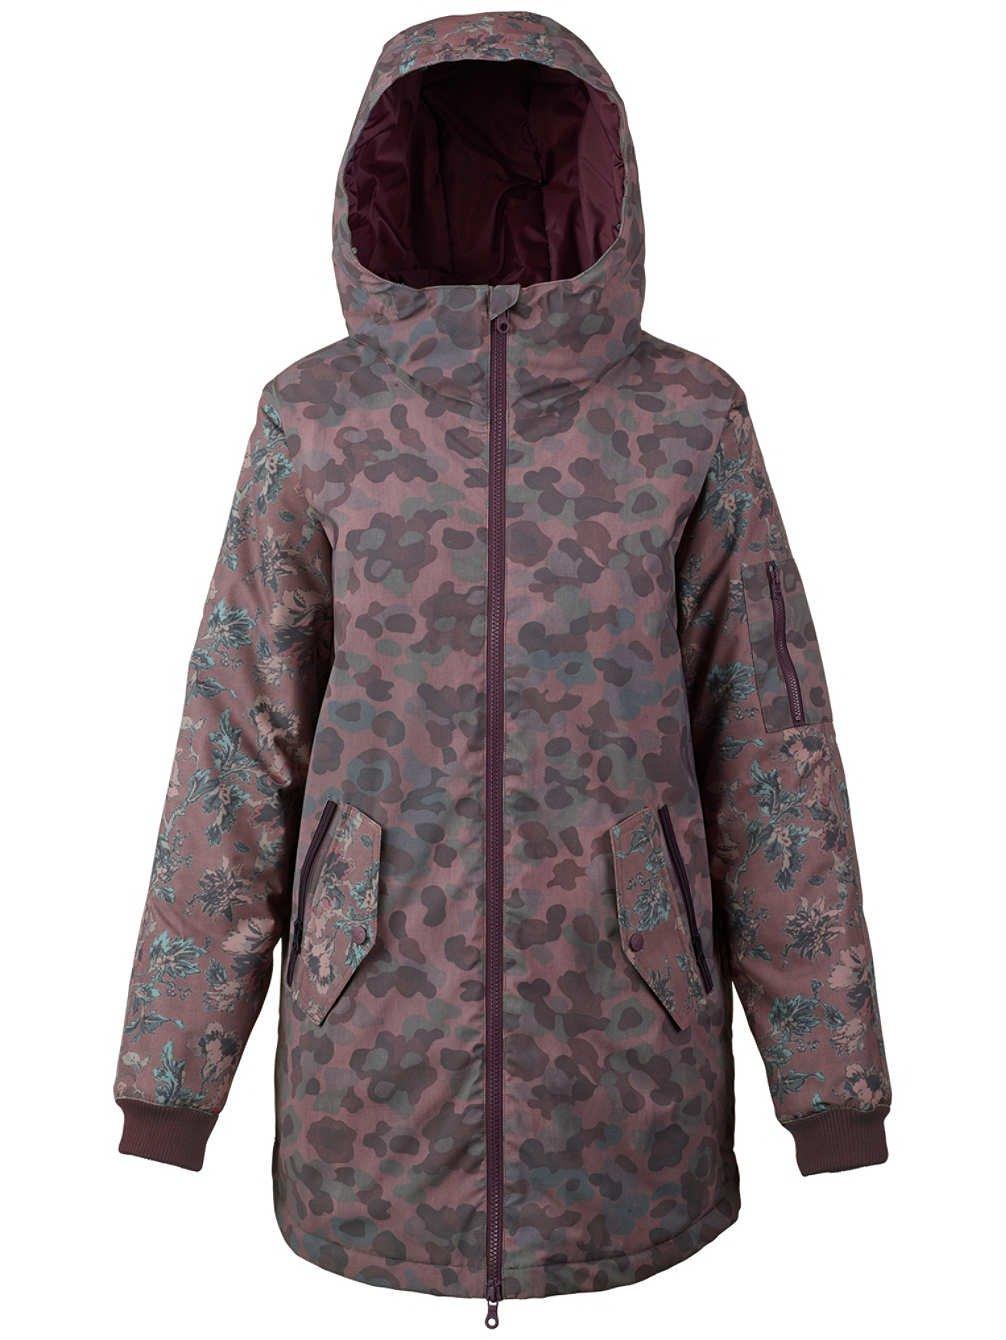 Burton Giacca Snowboard Donna Mossy Maze Jacket MSSCMO FLRLCM FLRLCM FLRLCM SB07FLG8BR3M Msscmo flrlcm | La qualità prima  | durabilità  | modello di moda  | Elegante e solenne  | una vasta gamma di prodotti  | Nuovo 2019  64640a